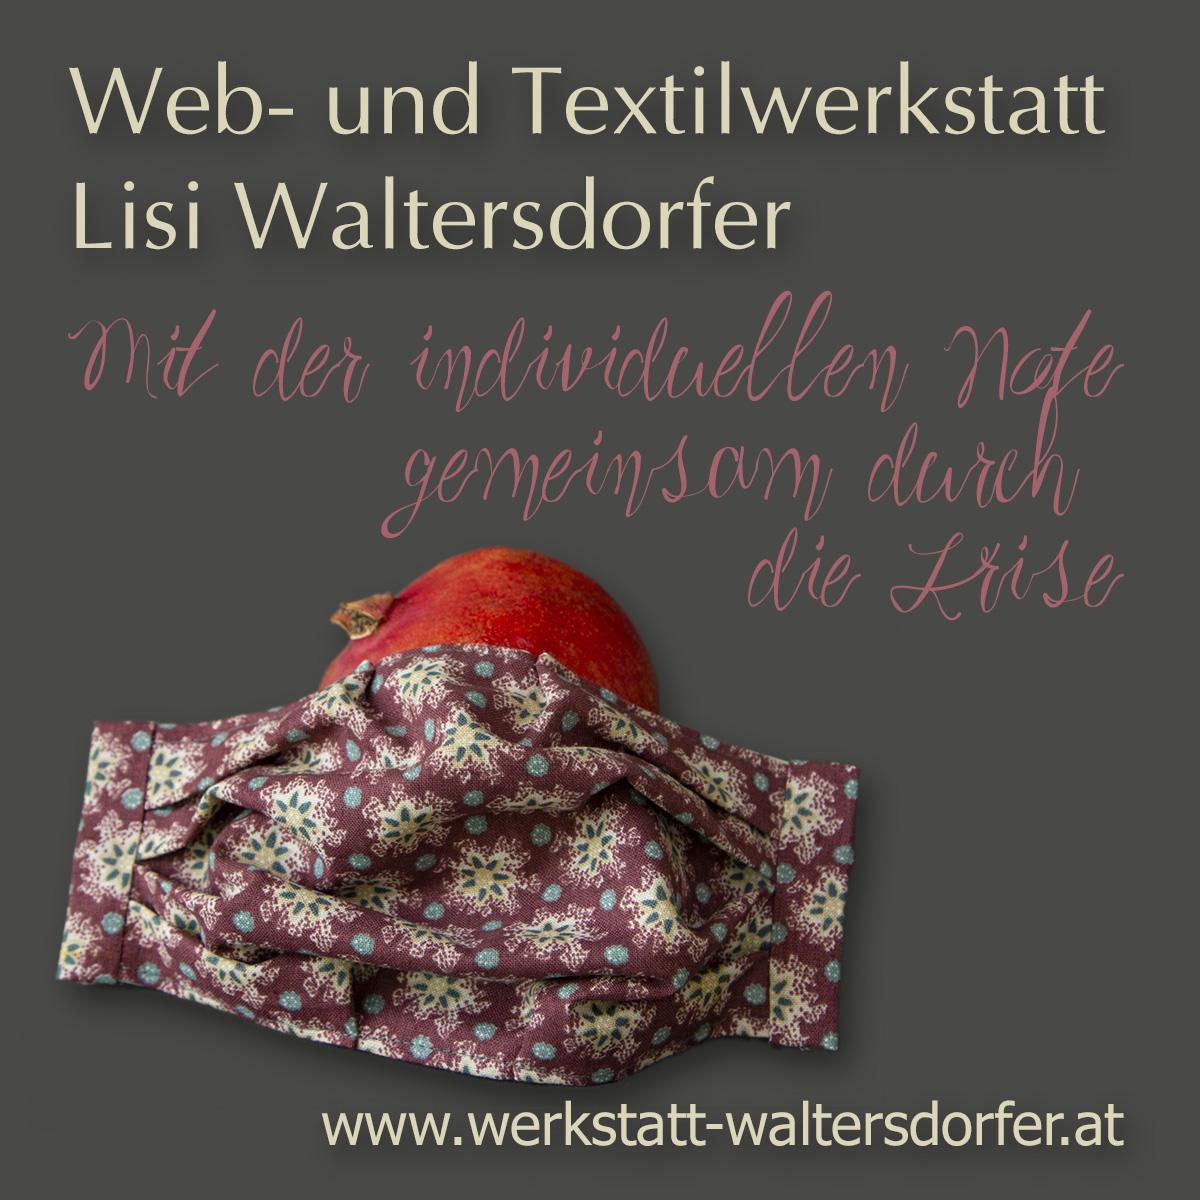 Waltersdorfer-MN-Masken-04